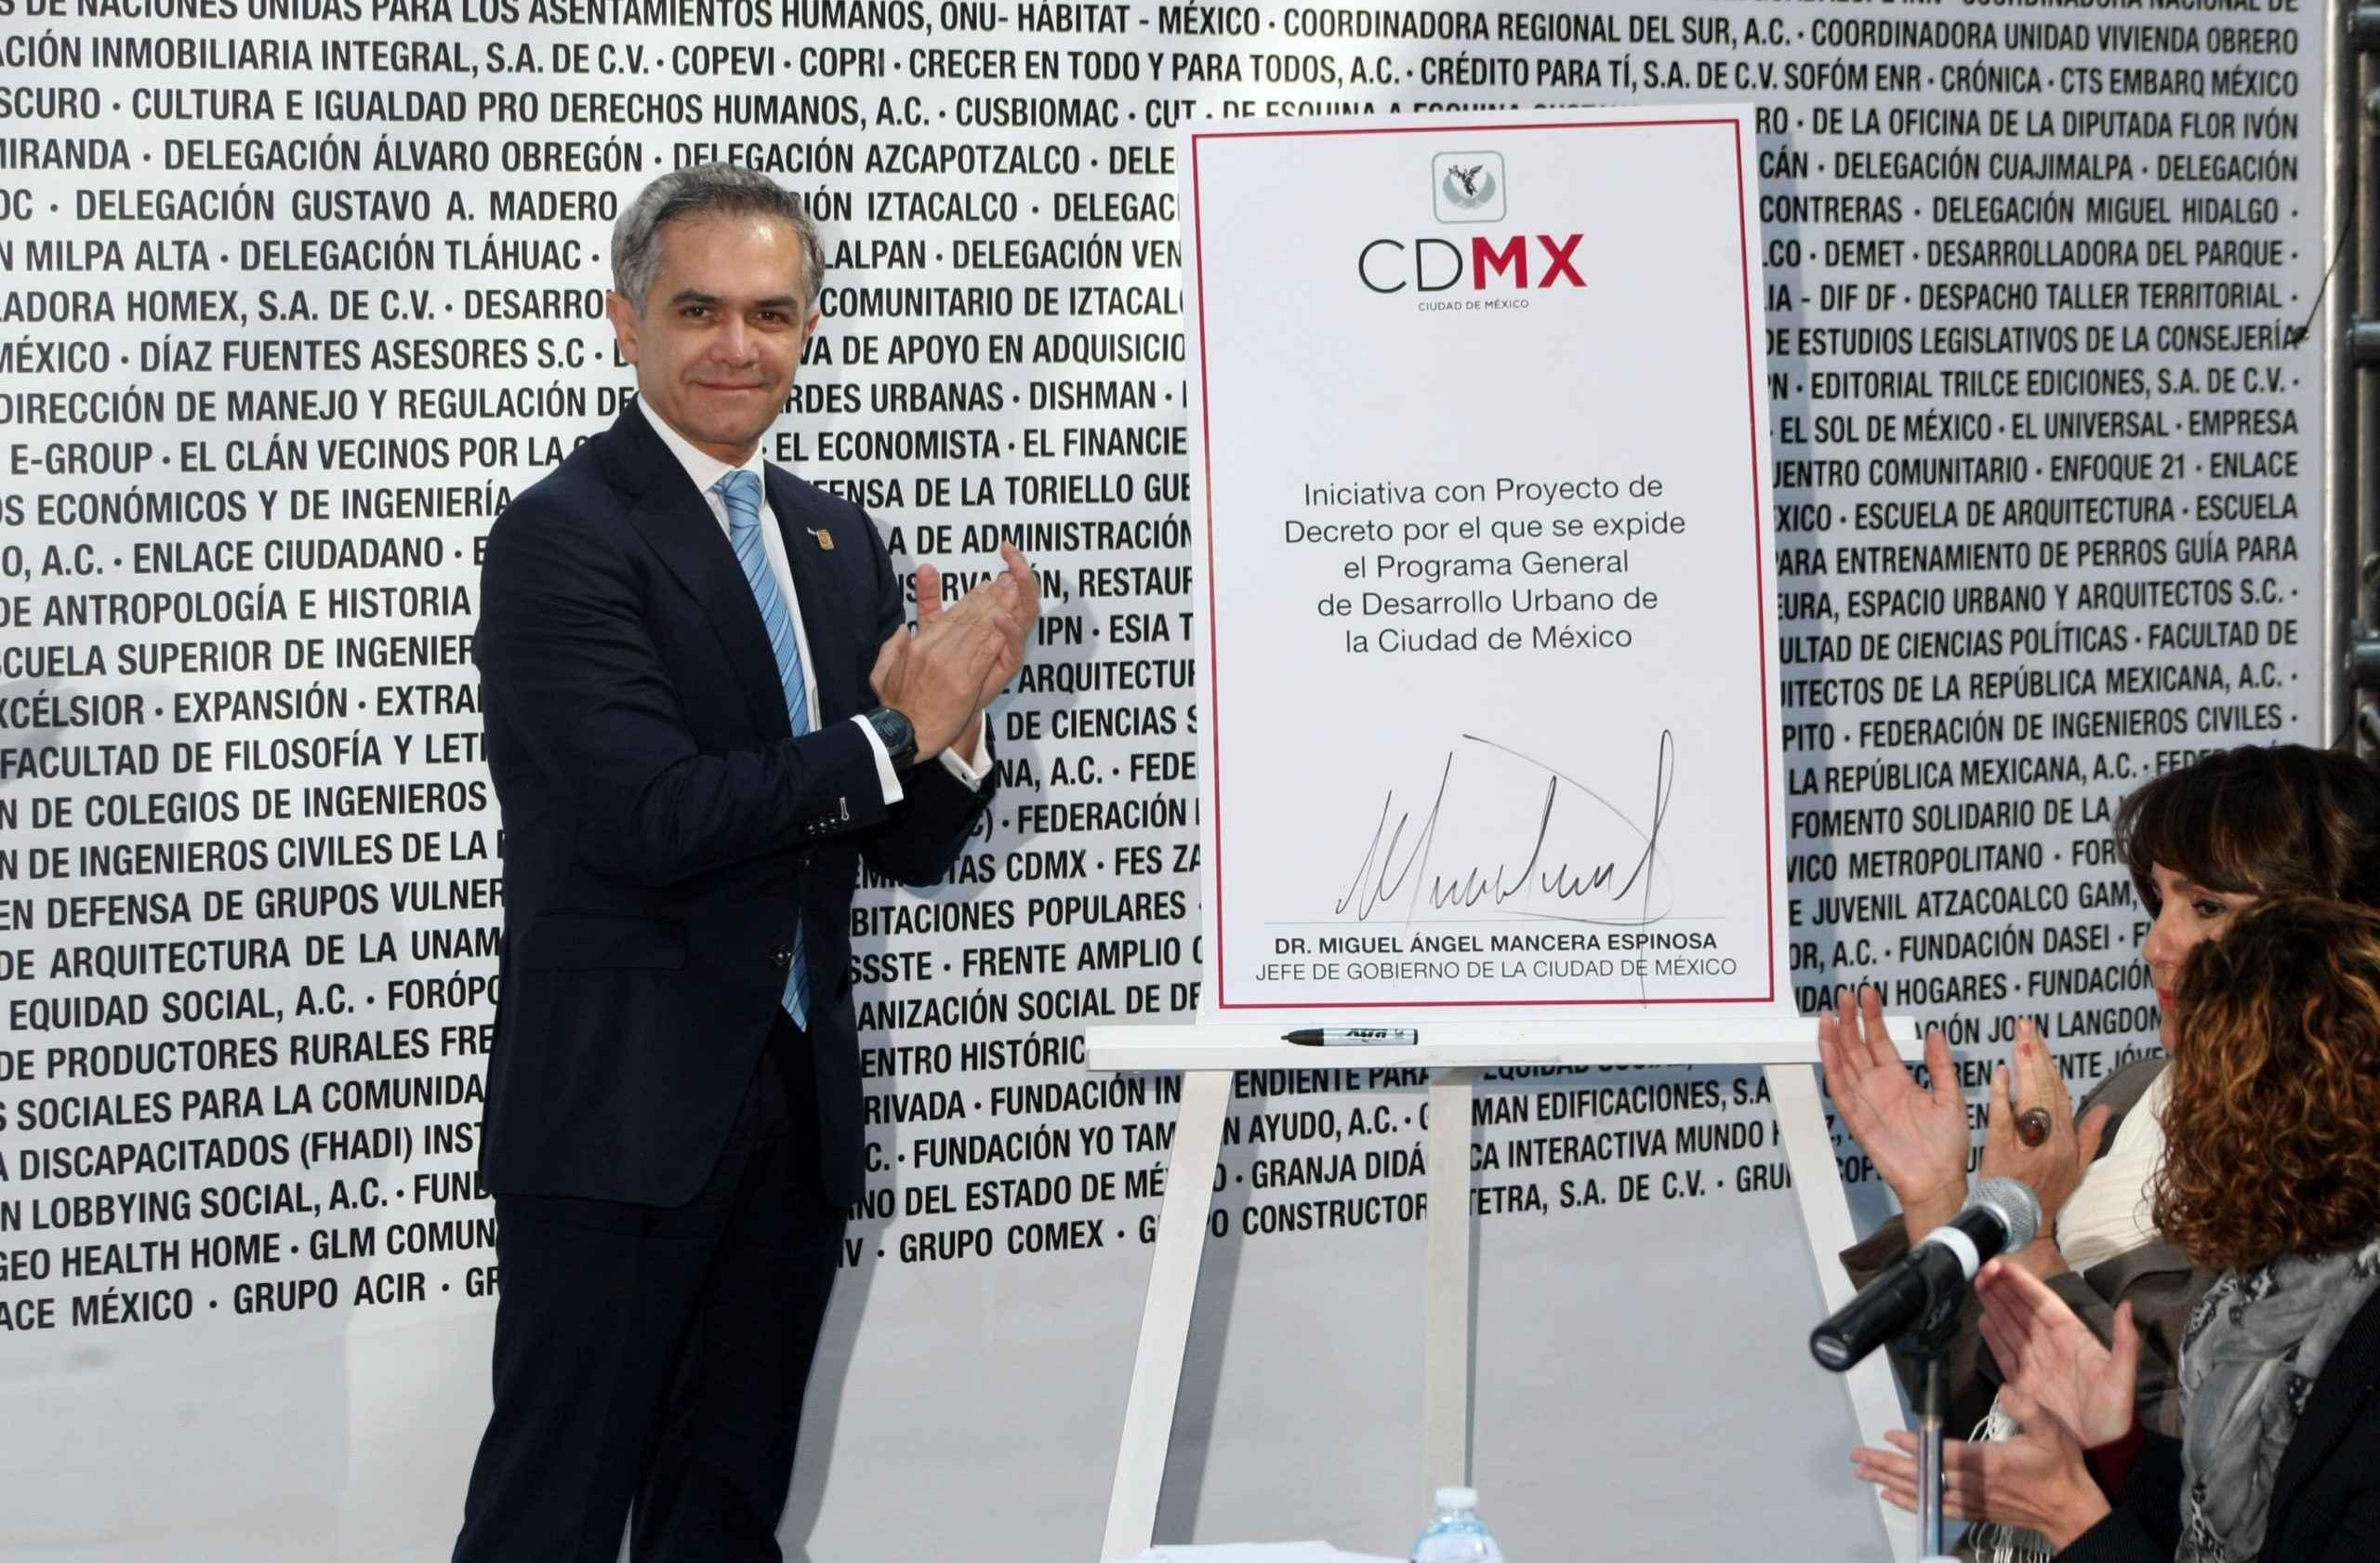 Líneas de transporte y factibilidad de agua marcarán desarrollo en la CDMX